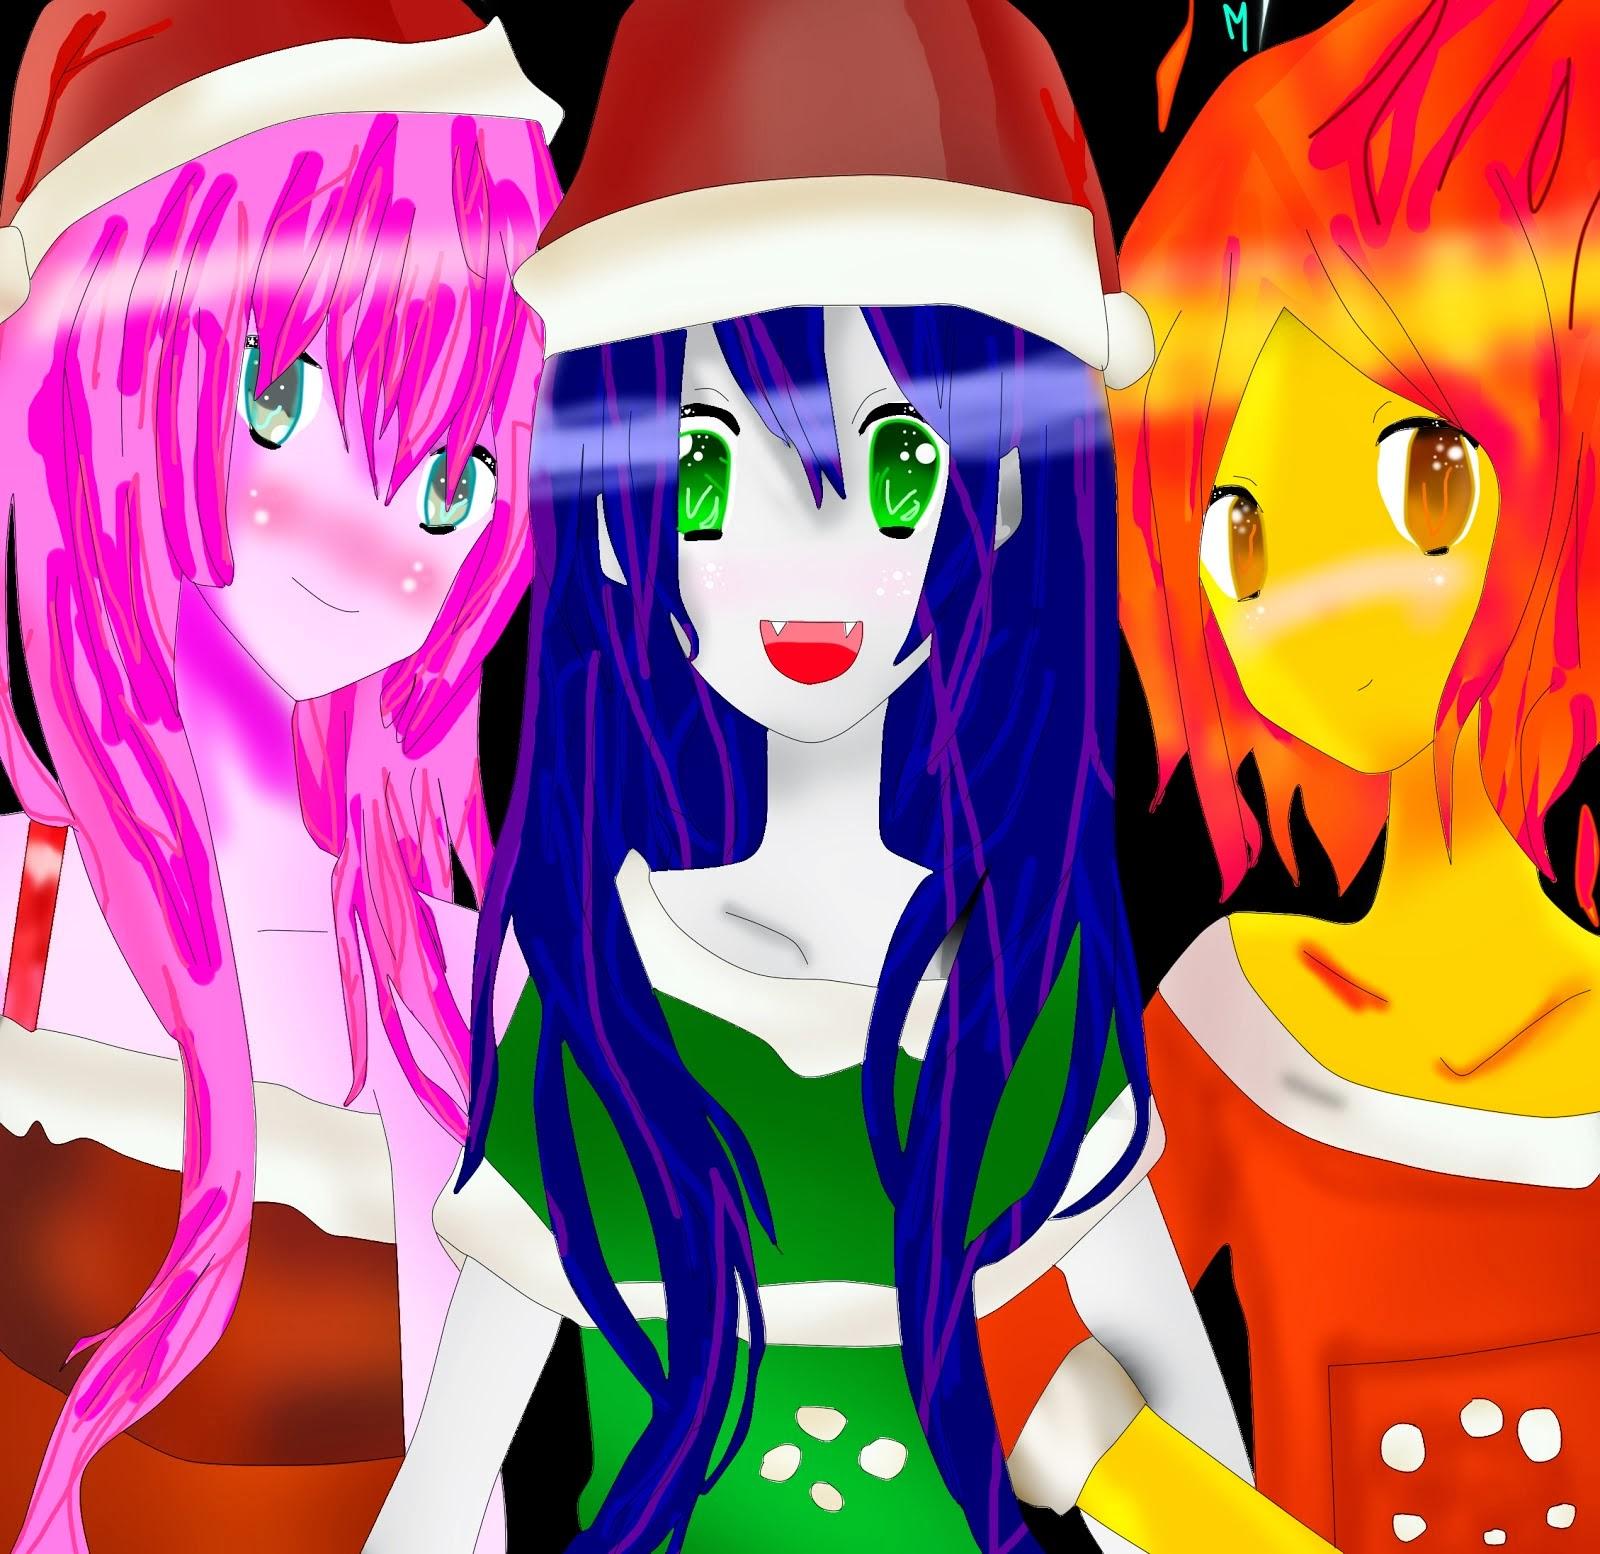 Las 3 lindas amigas y la Navidad...